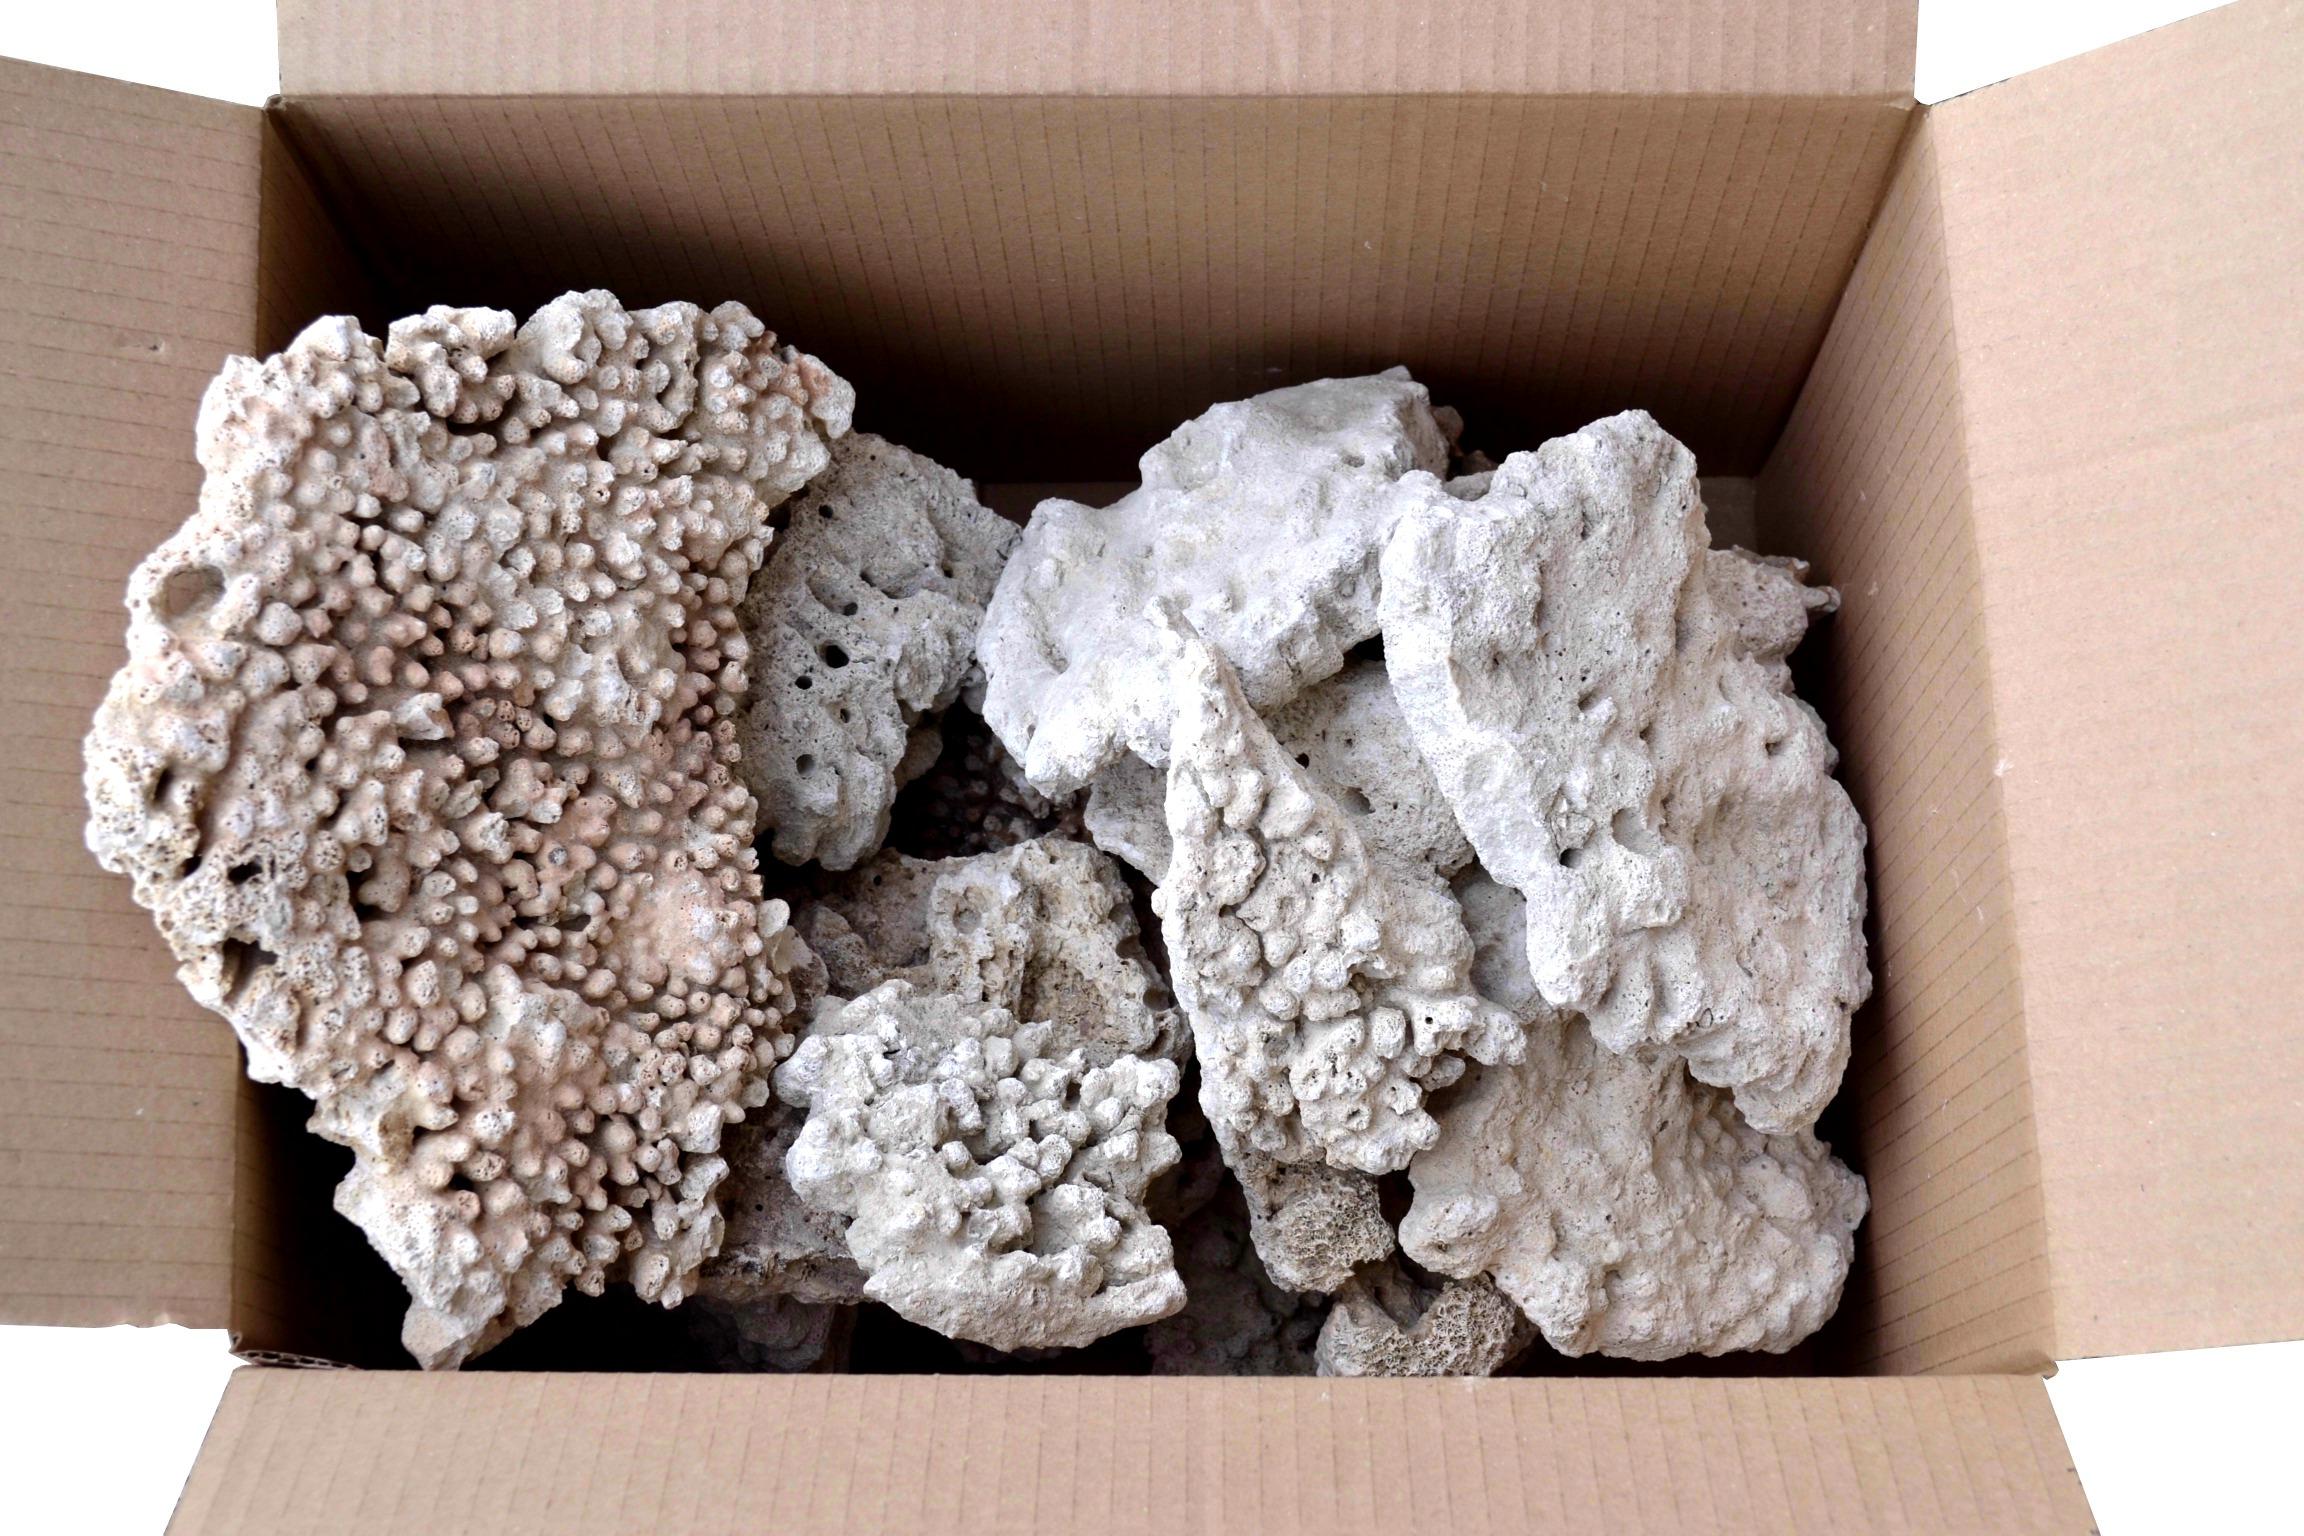 Caisse de 5 Kg de Coraux morts en morceaux d\'environ 15 à 30 cm pour aquarium d\'eau de mer